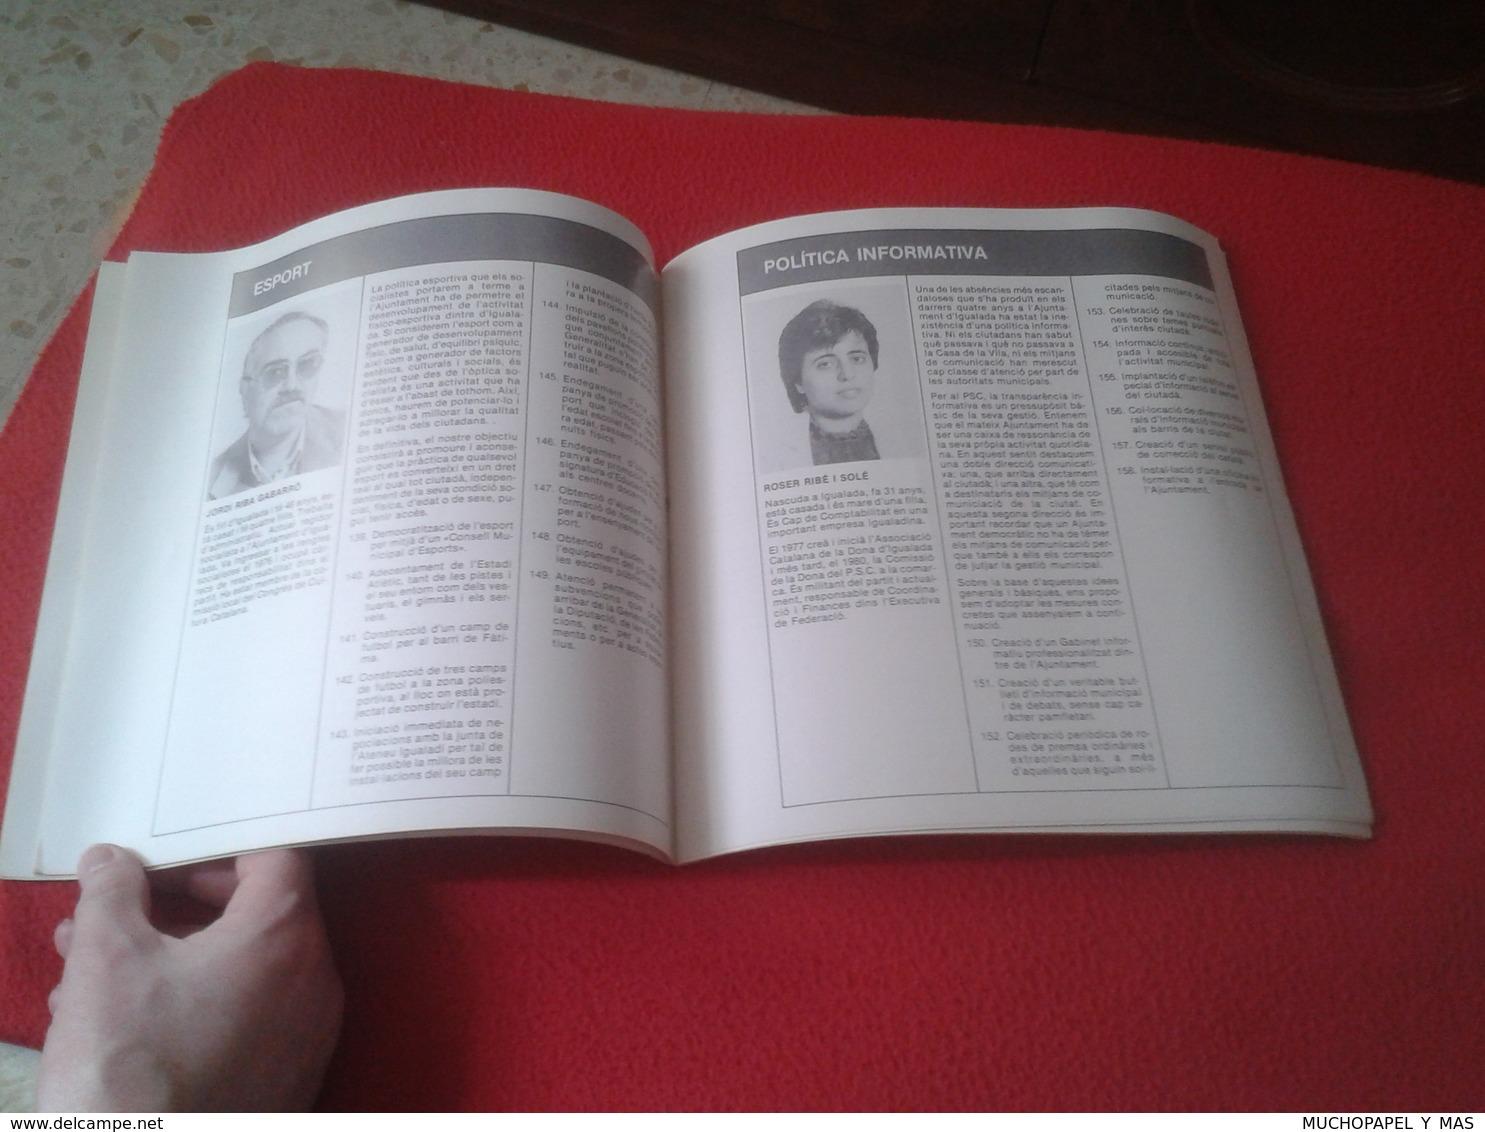 GUÍA LIBRO PROPAGANDA ELECTORAL POLÍTICA PSC PSOE PROGRAMA IGUALADA CATALUNYA CATALONIA SPAIN PARTIDO SOCIALISTA PARTIT - Programas